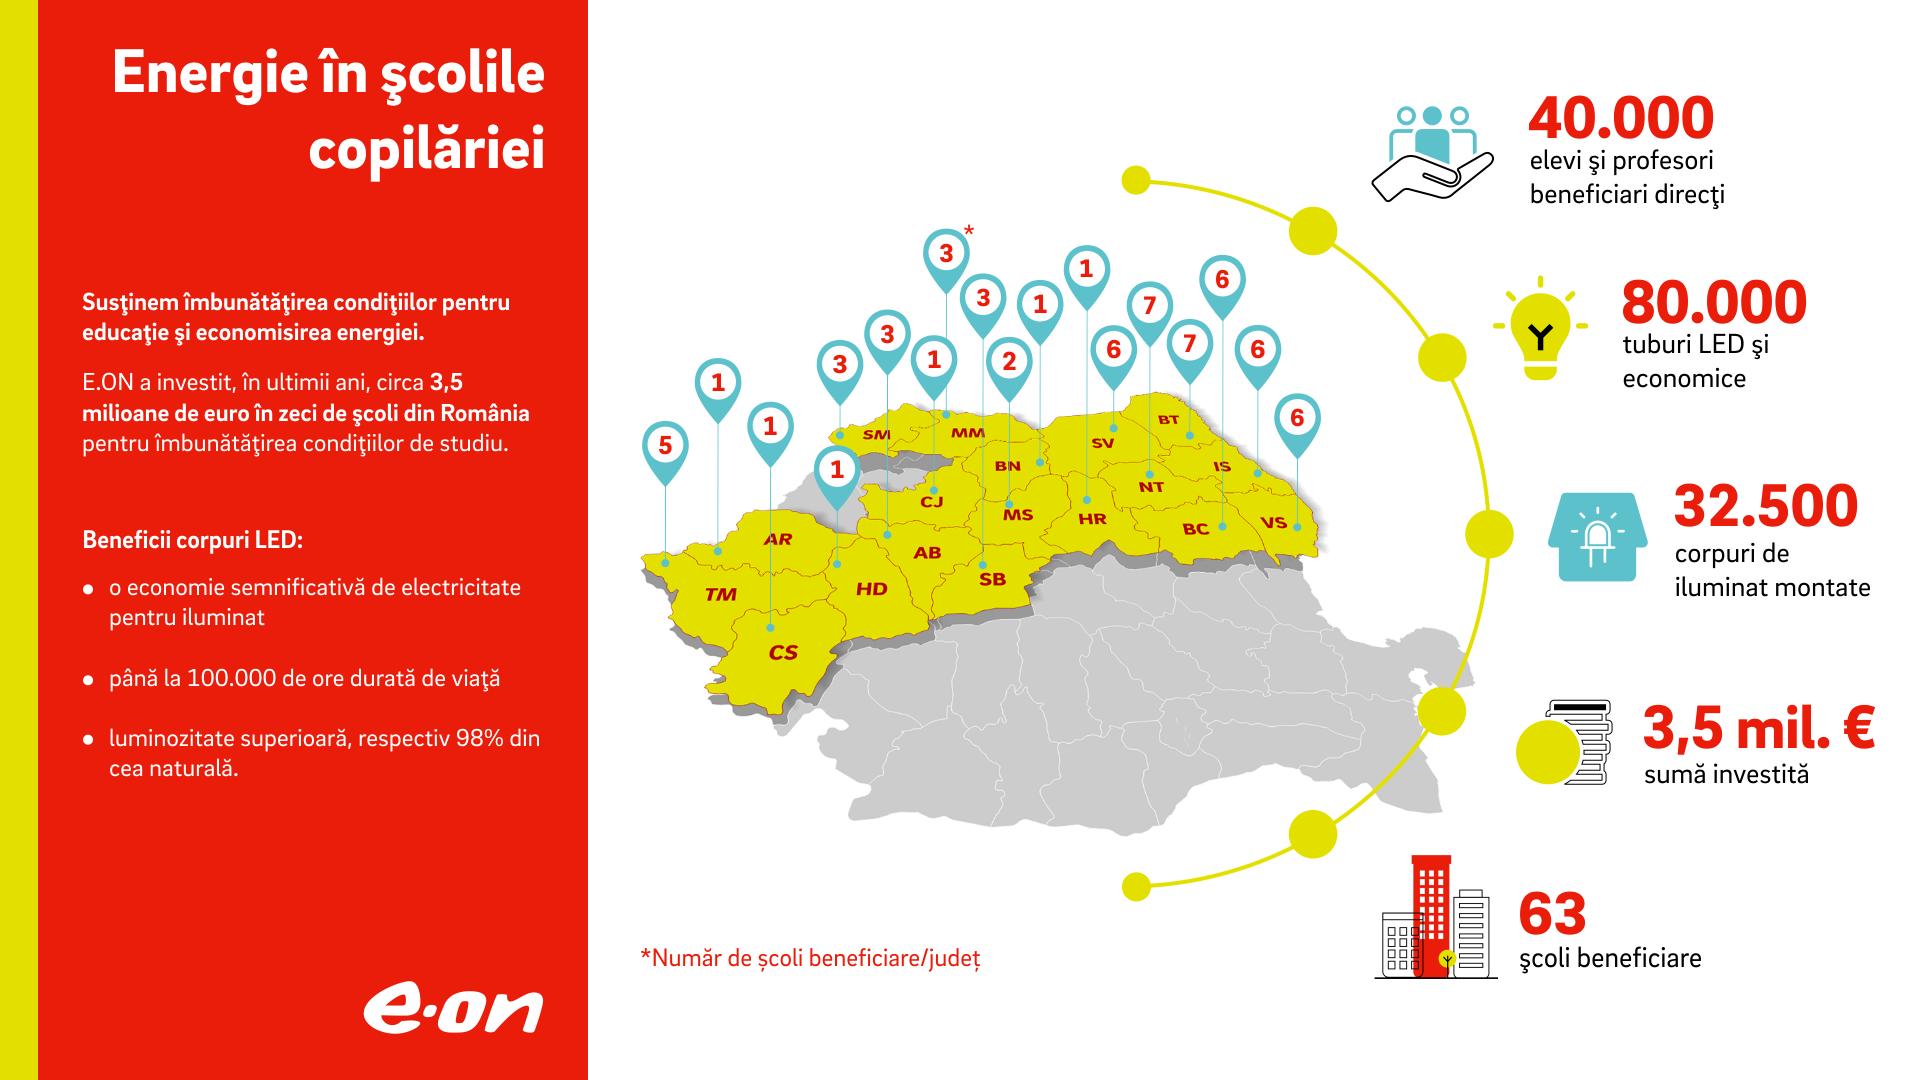 Condiții mai bune pentru 40.000 de elevi, după o investiție de 3,5 milioane de euro a E.ON România